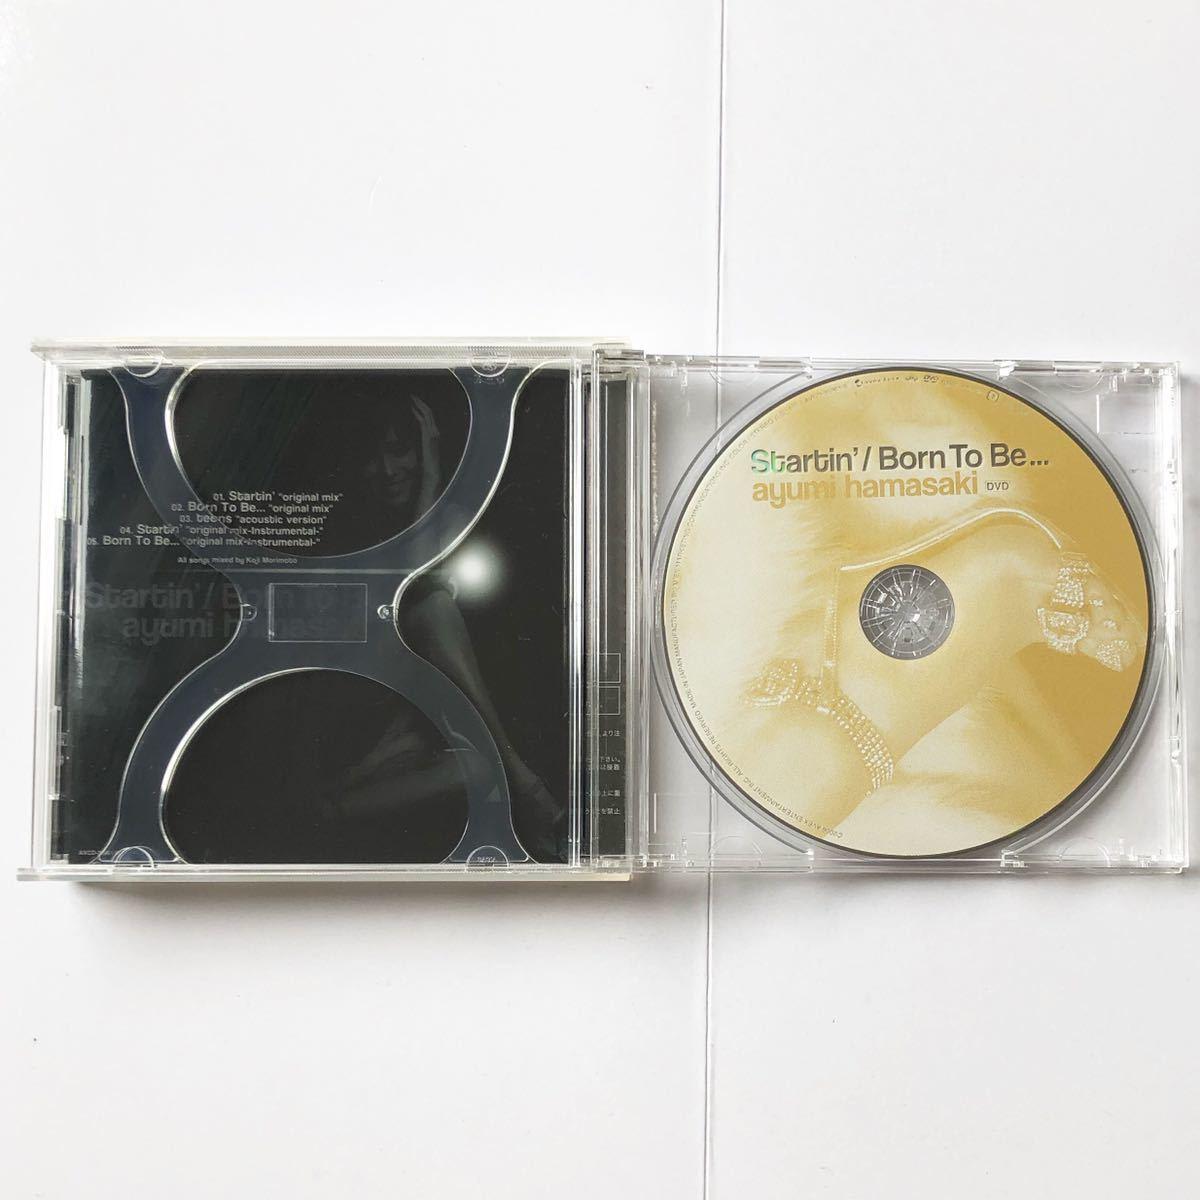 【中古 CD+DVD シングル】浜崎あゆみ - Startin'/Born To Be... 2006.3.8 AVCD-30961 帯付き_画像4